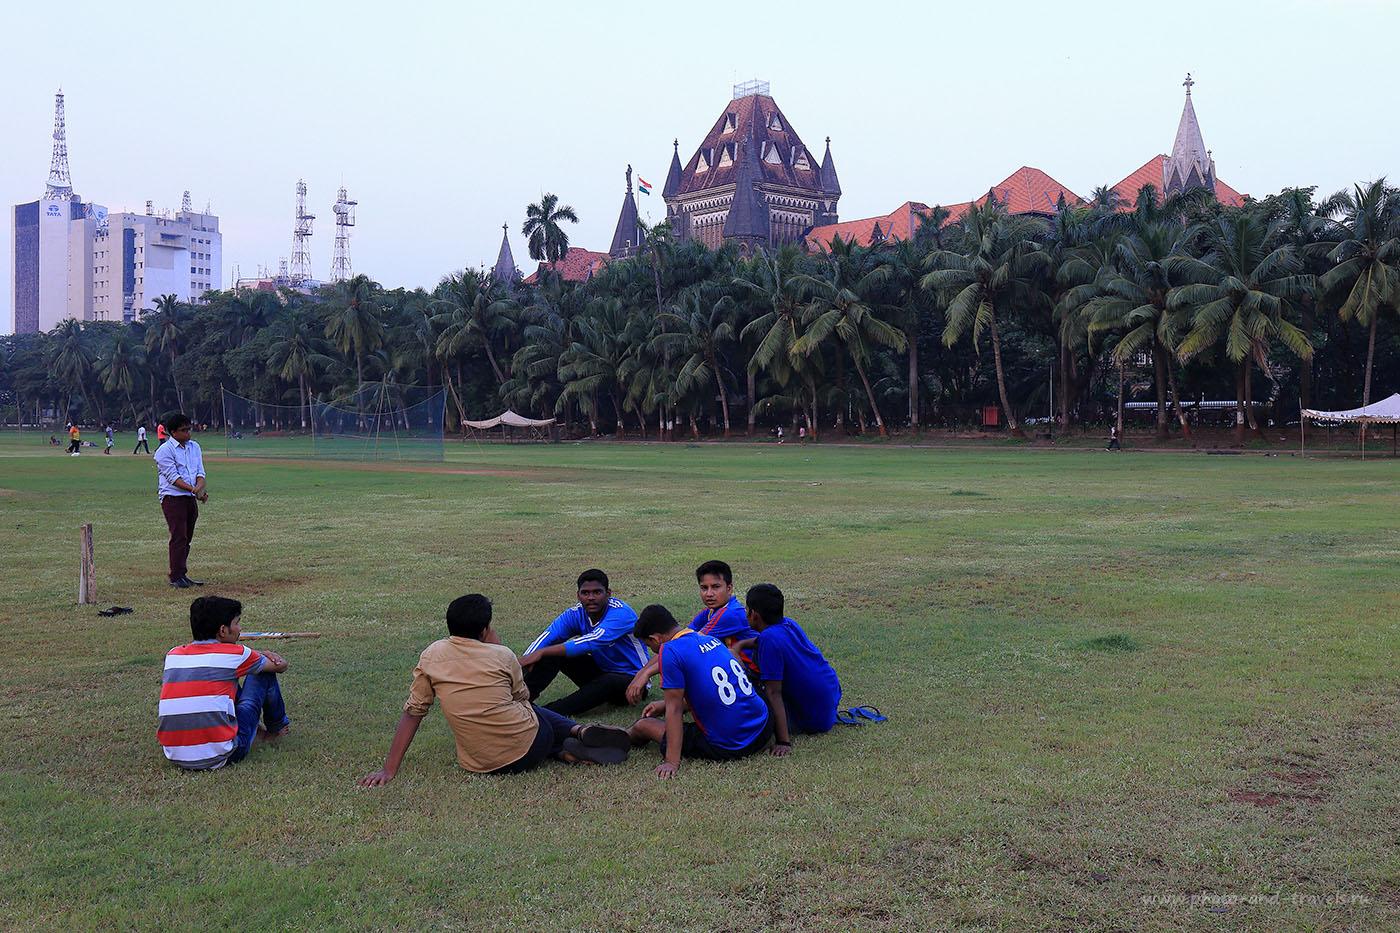 Фотография 33. Отдыхающие на поле игроки. Прогулки по Мумбаи. Отзыв о поездке в Индию. (24-70, 1/20, -1eV, f9, 30 mm, ISO 320)